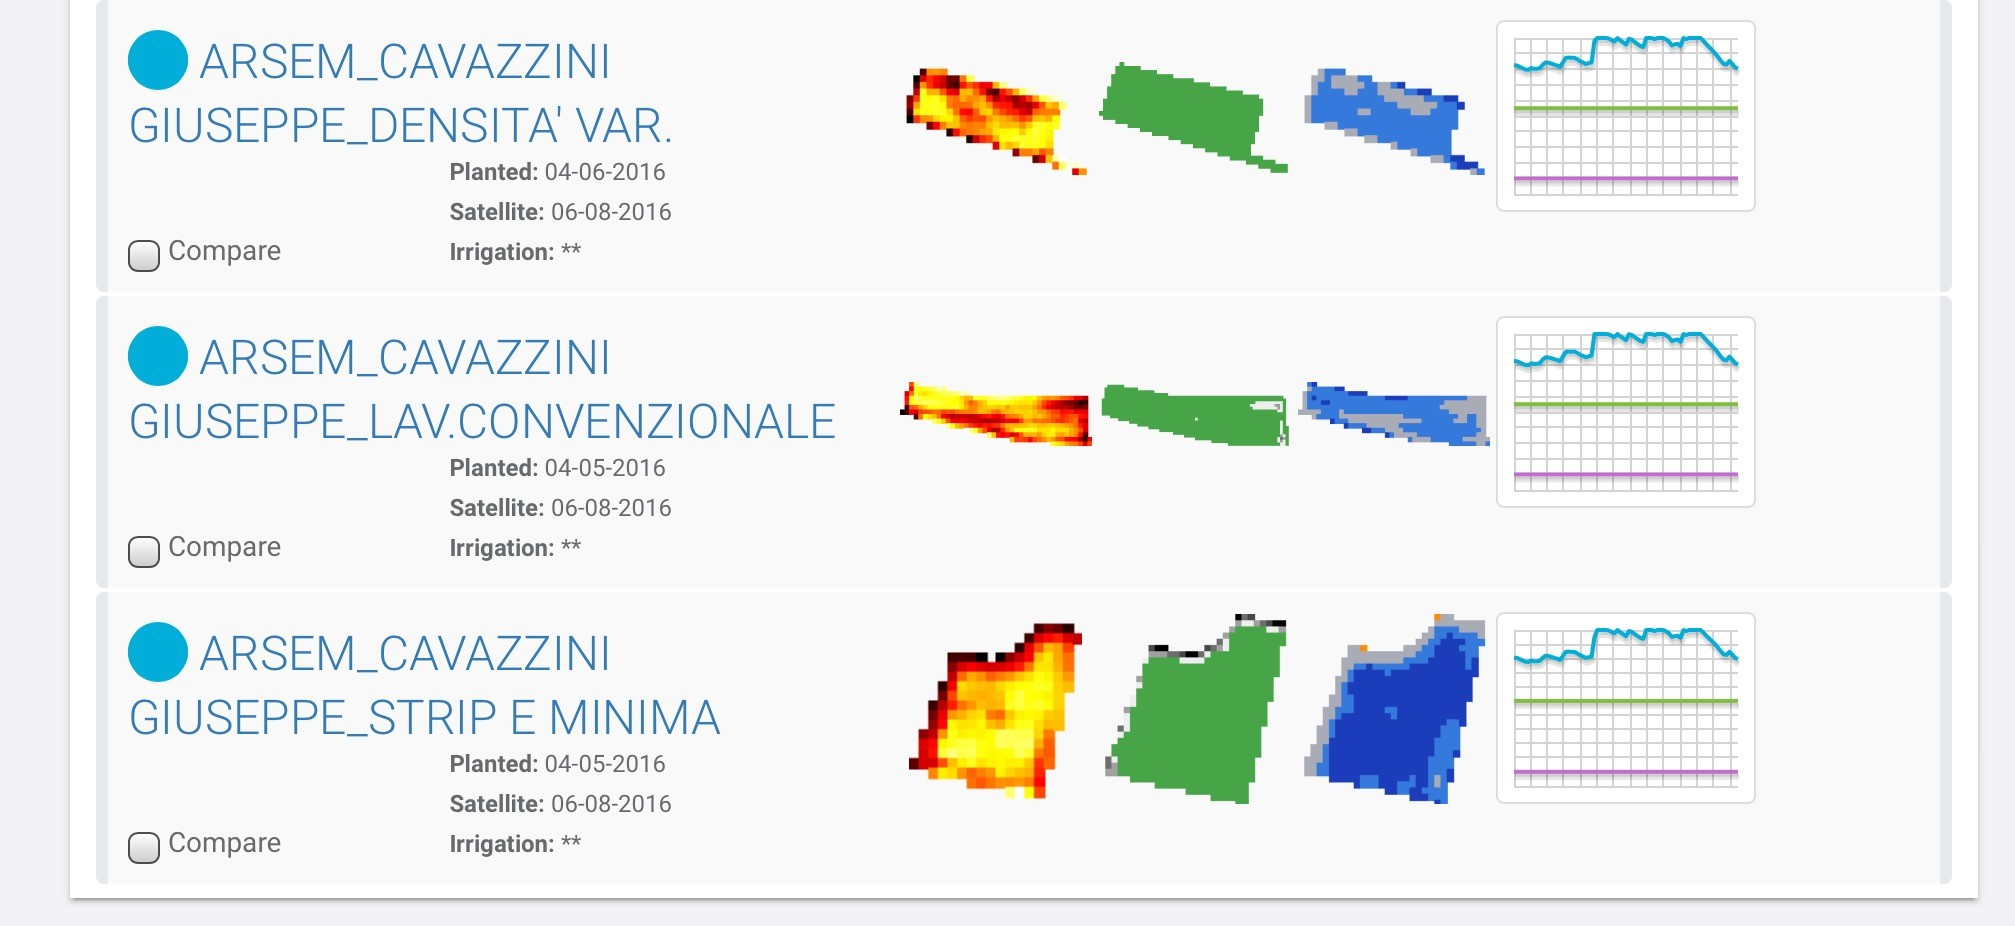 In questa immagine compaiono le mappe degli appezzamenti in tre differenti colori.